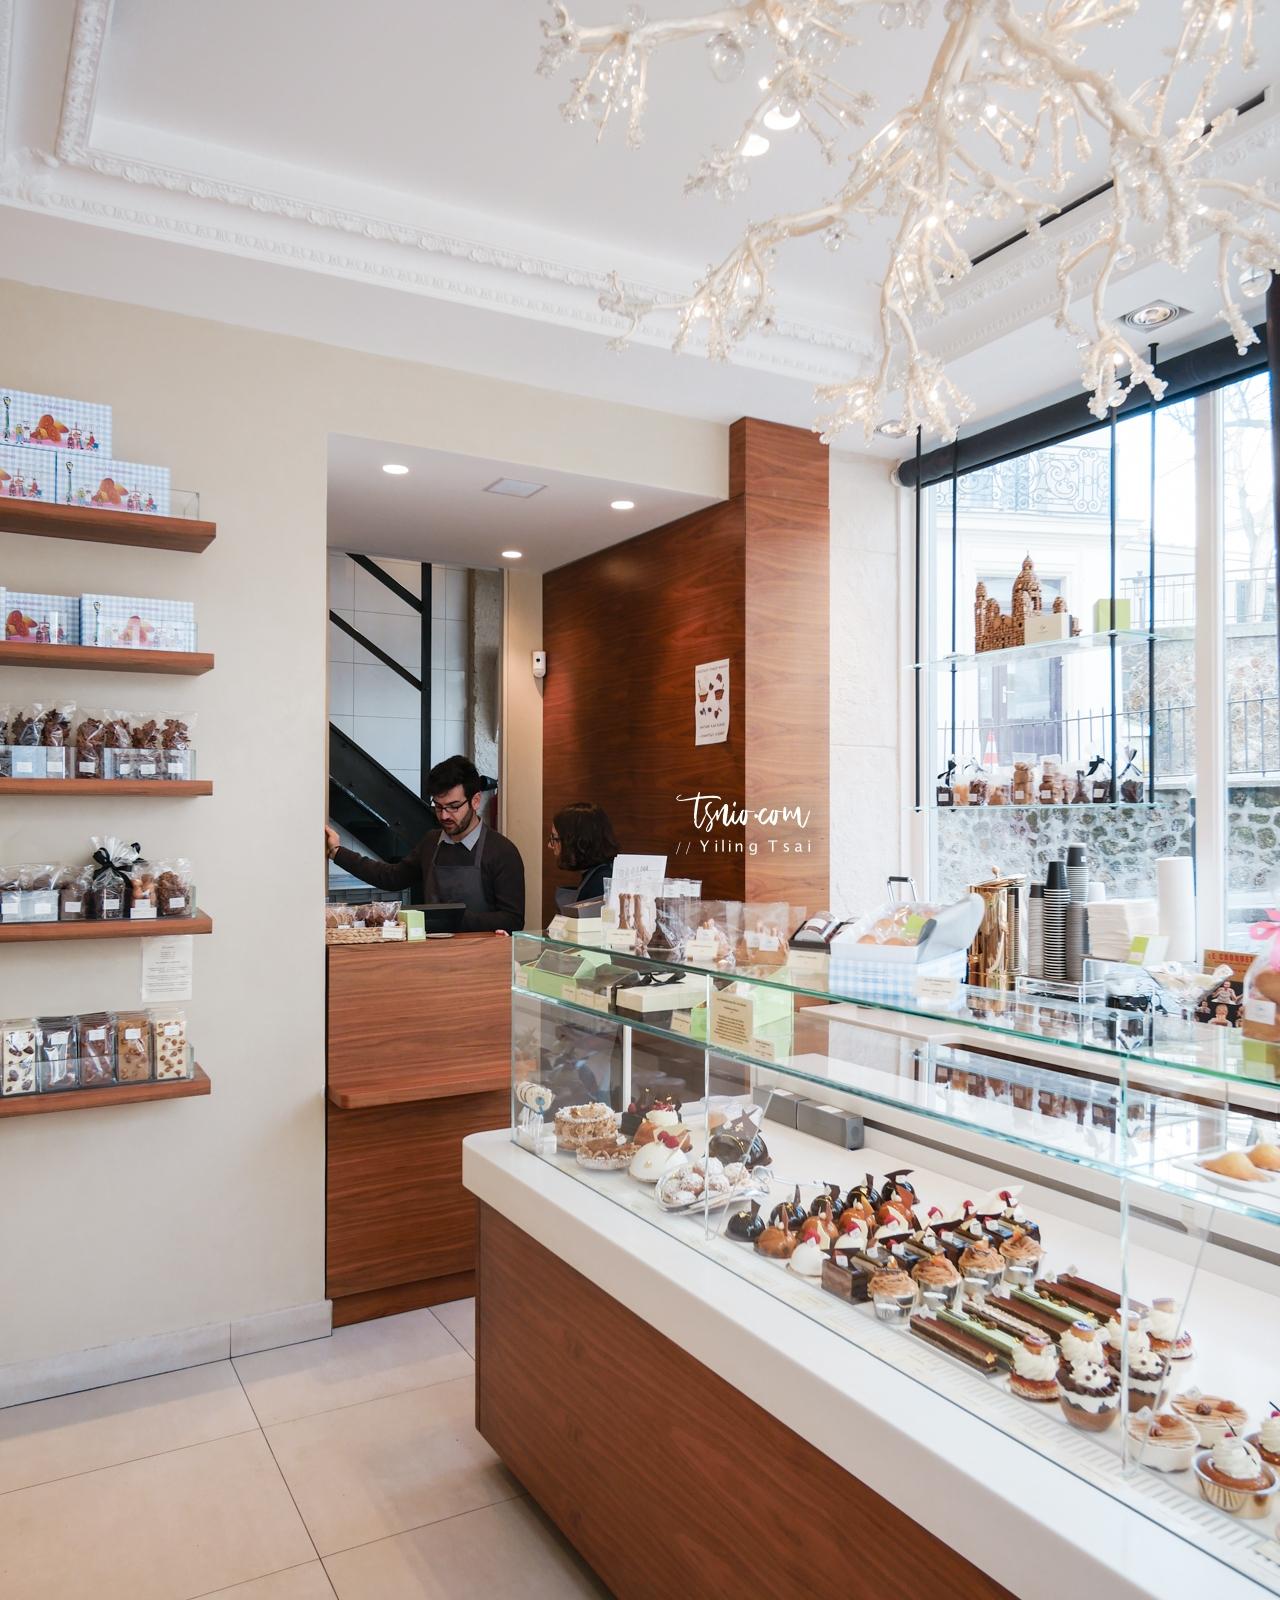 法國巴黎甜點推薦 Pâtisserie Gilles Marchal 蒙馬特可愛瑪德蓮甜點店